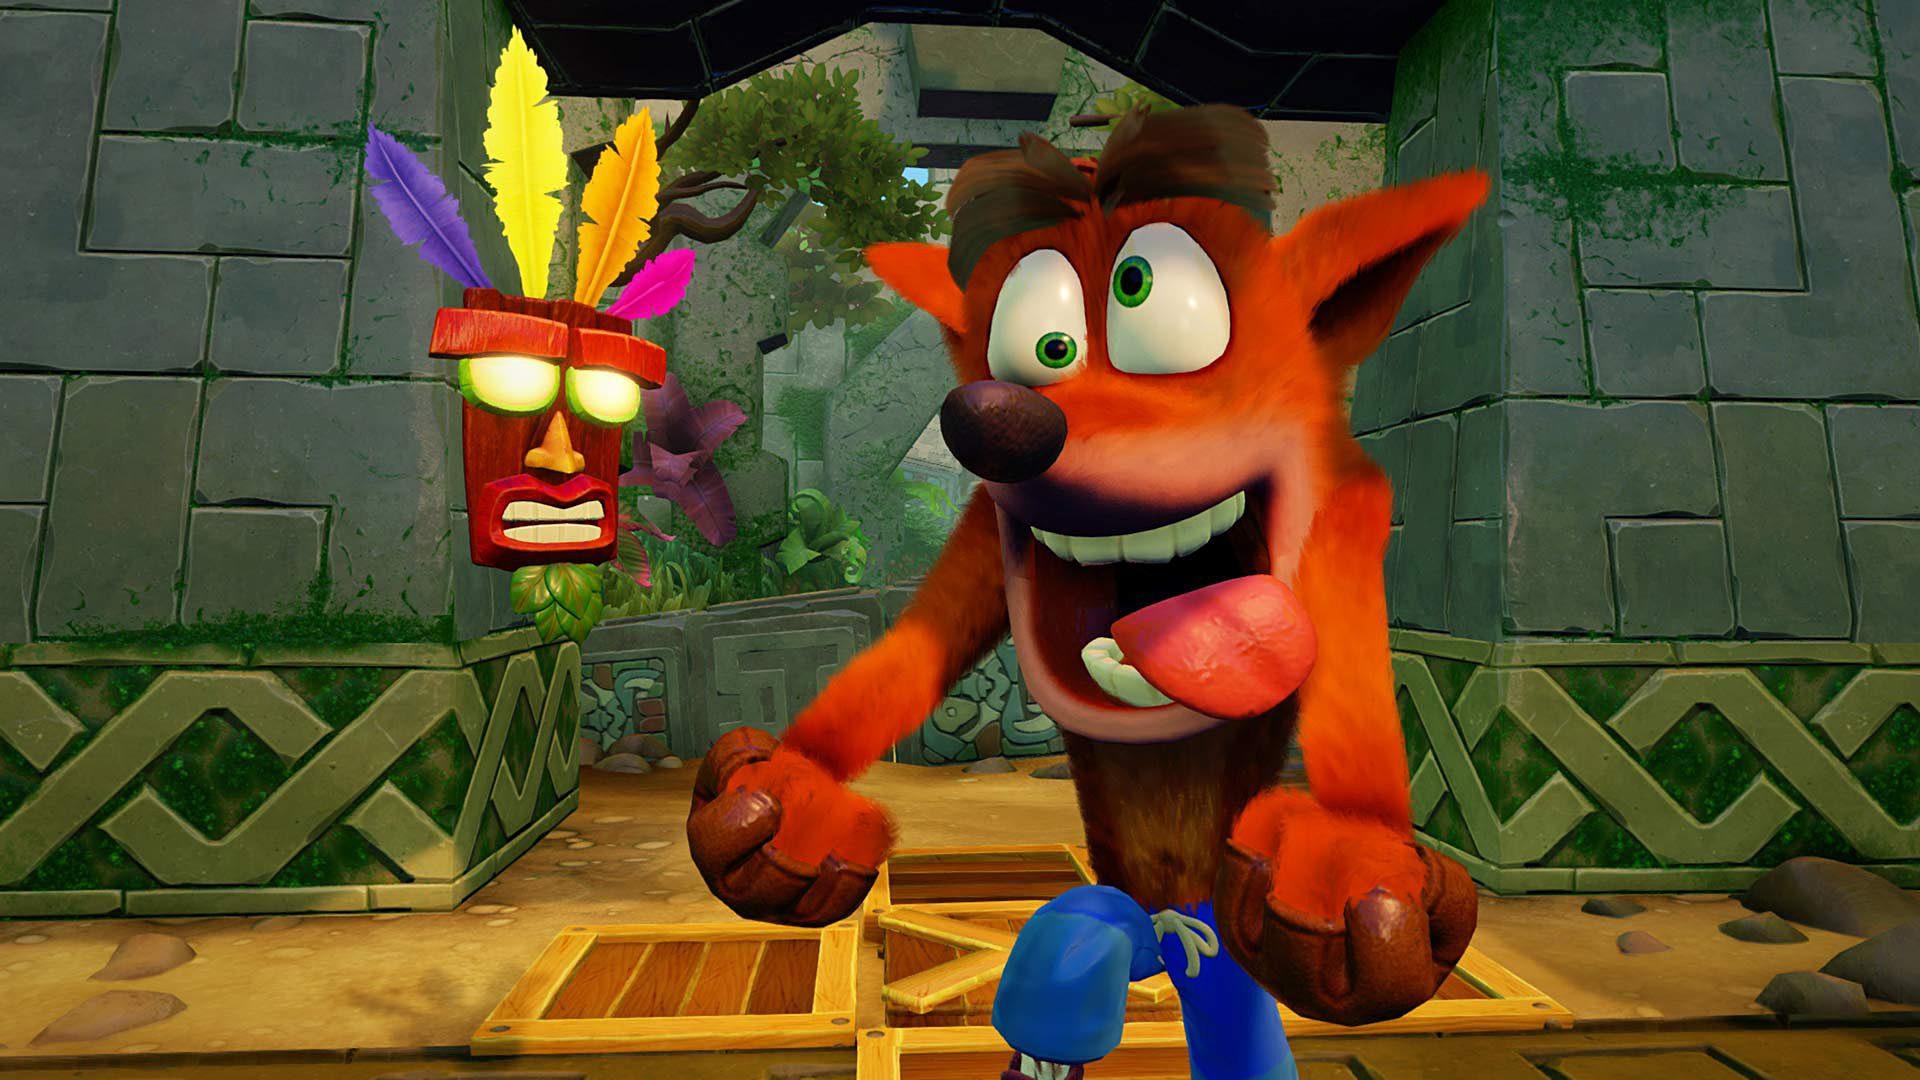 Crash Bandicoot Tops Weekly UK Sales Charts